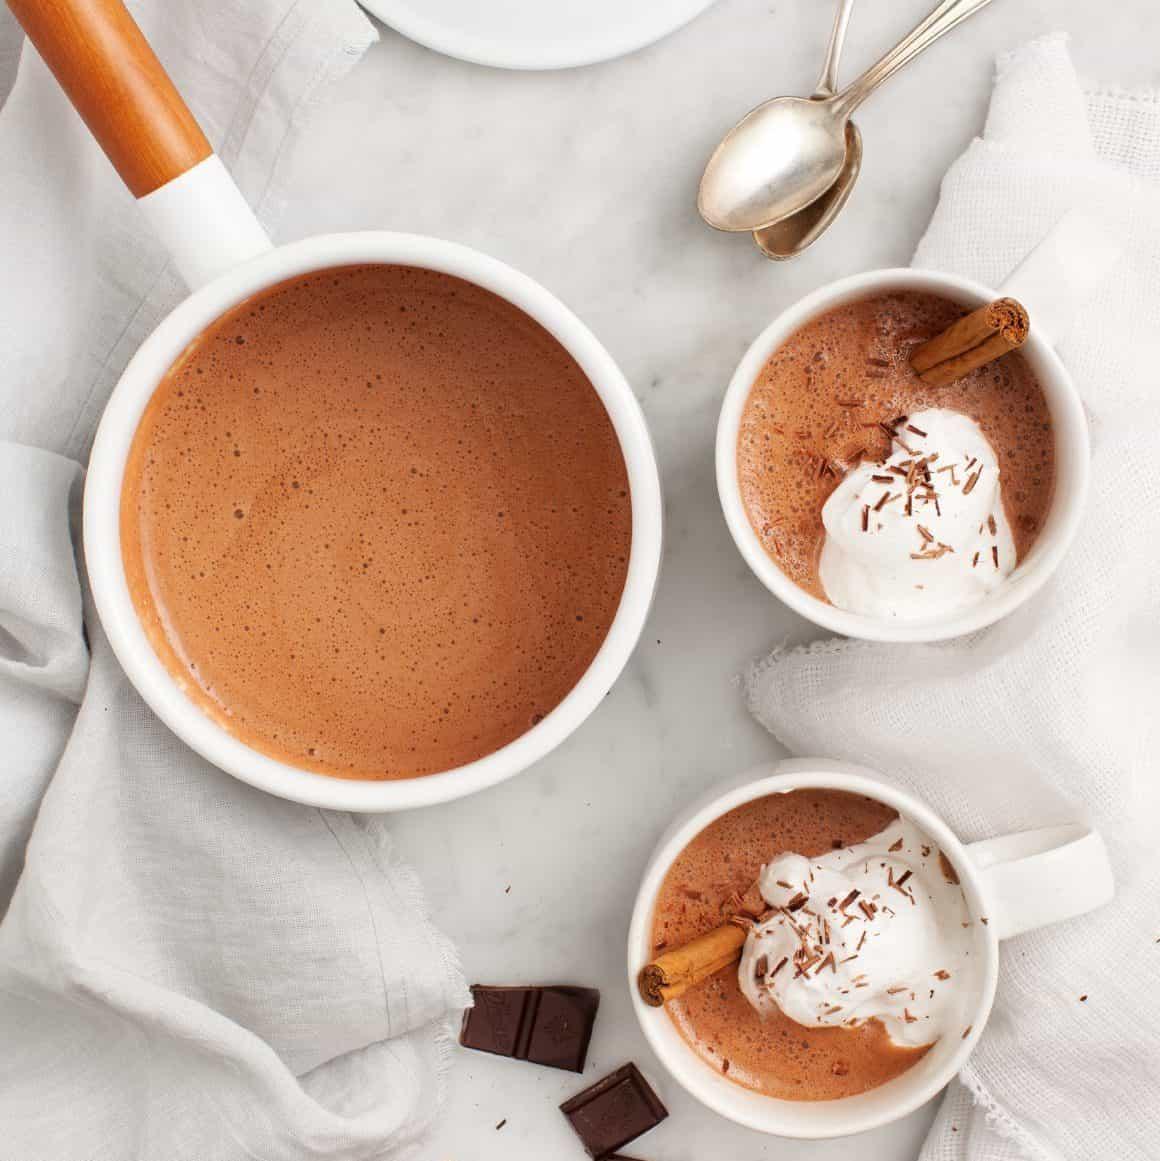 maca cacao hot chocolate www.servedfromscratch.com/vegan-cashew-cacao-bliss-balls/